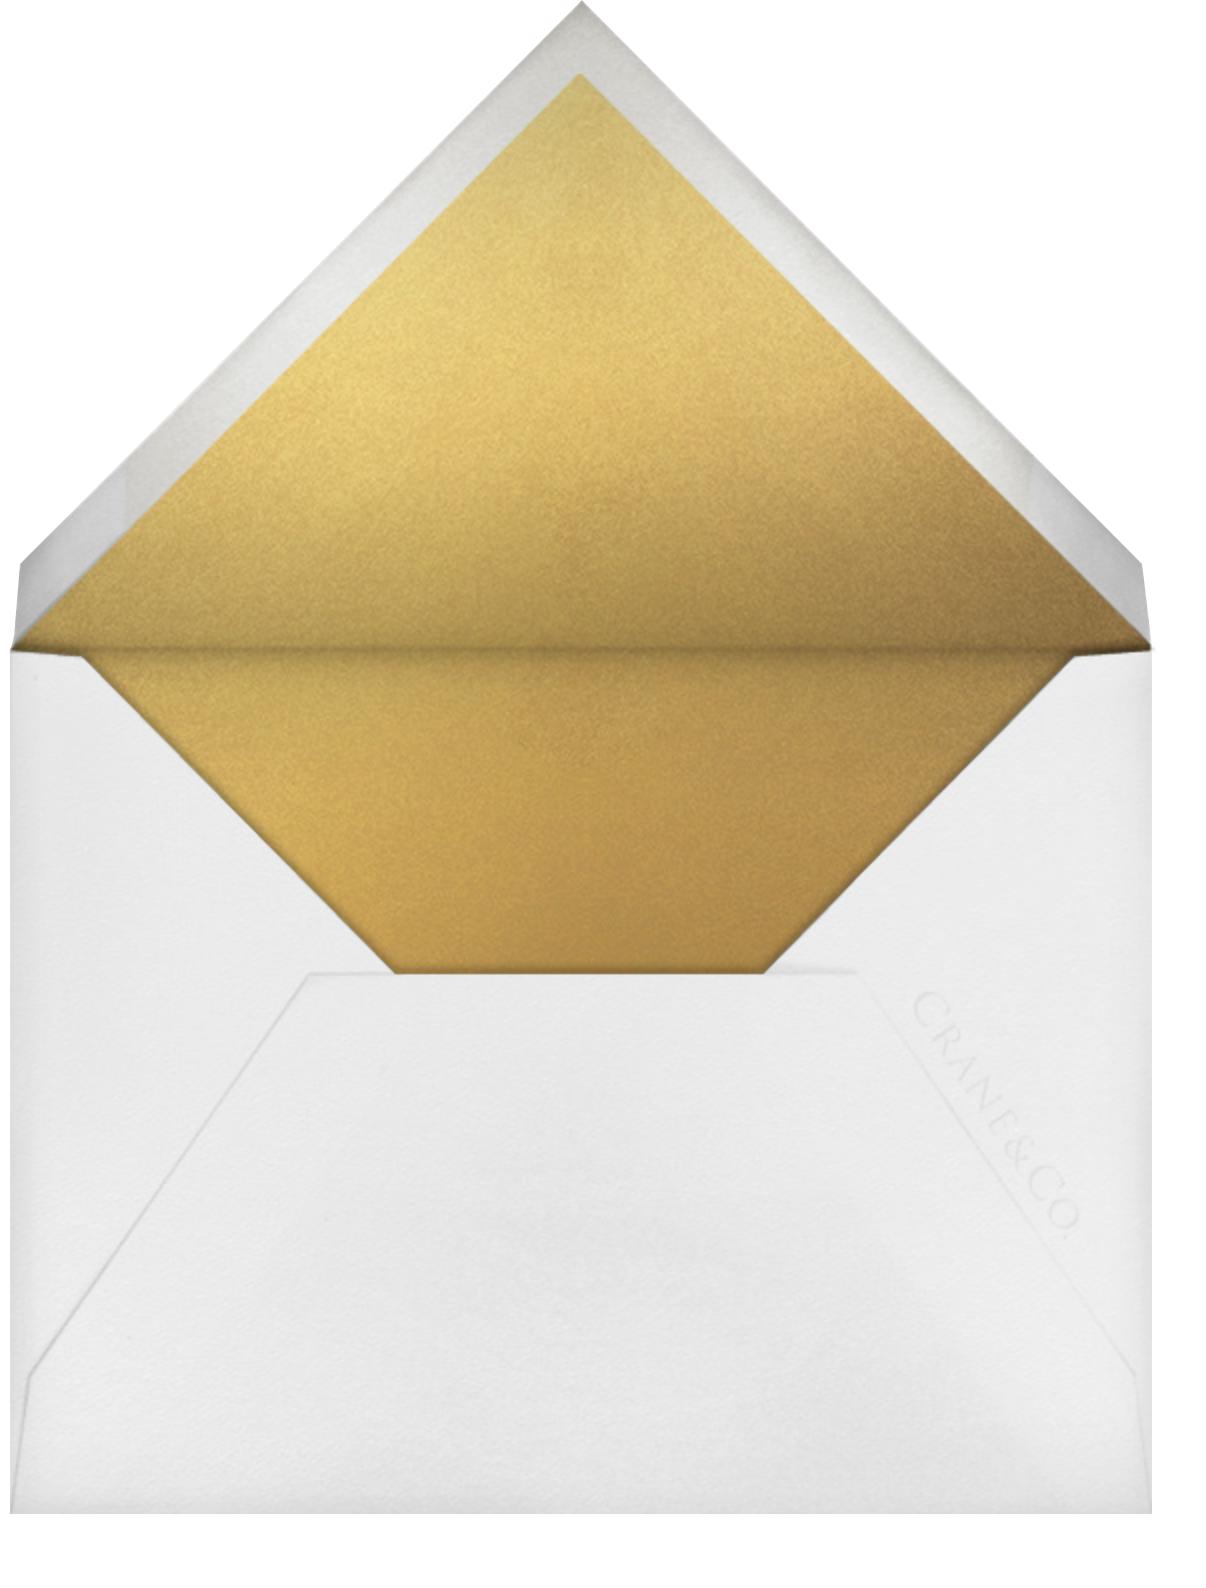 Notch - Gold - Vera Wang - Bat and bar mitzvah - envelope back